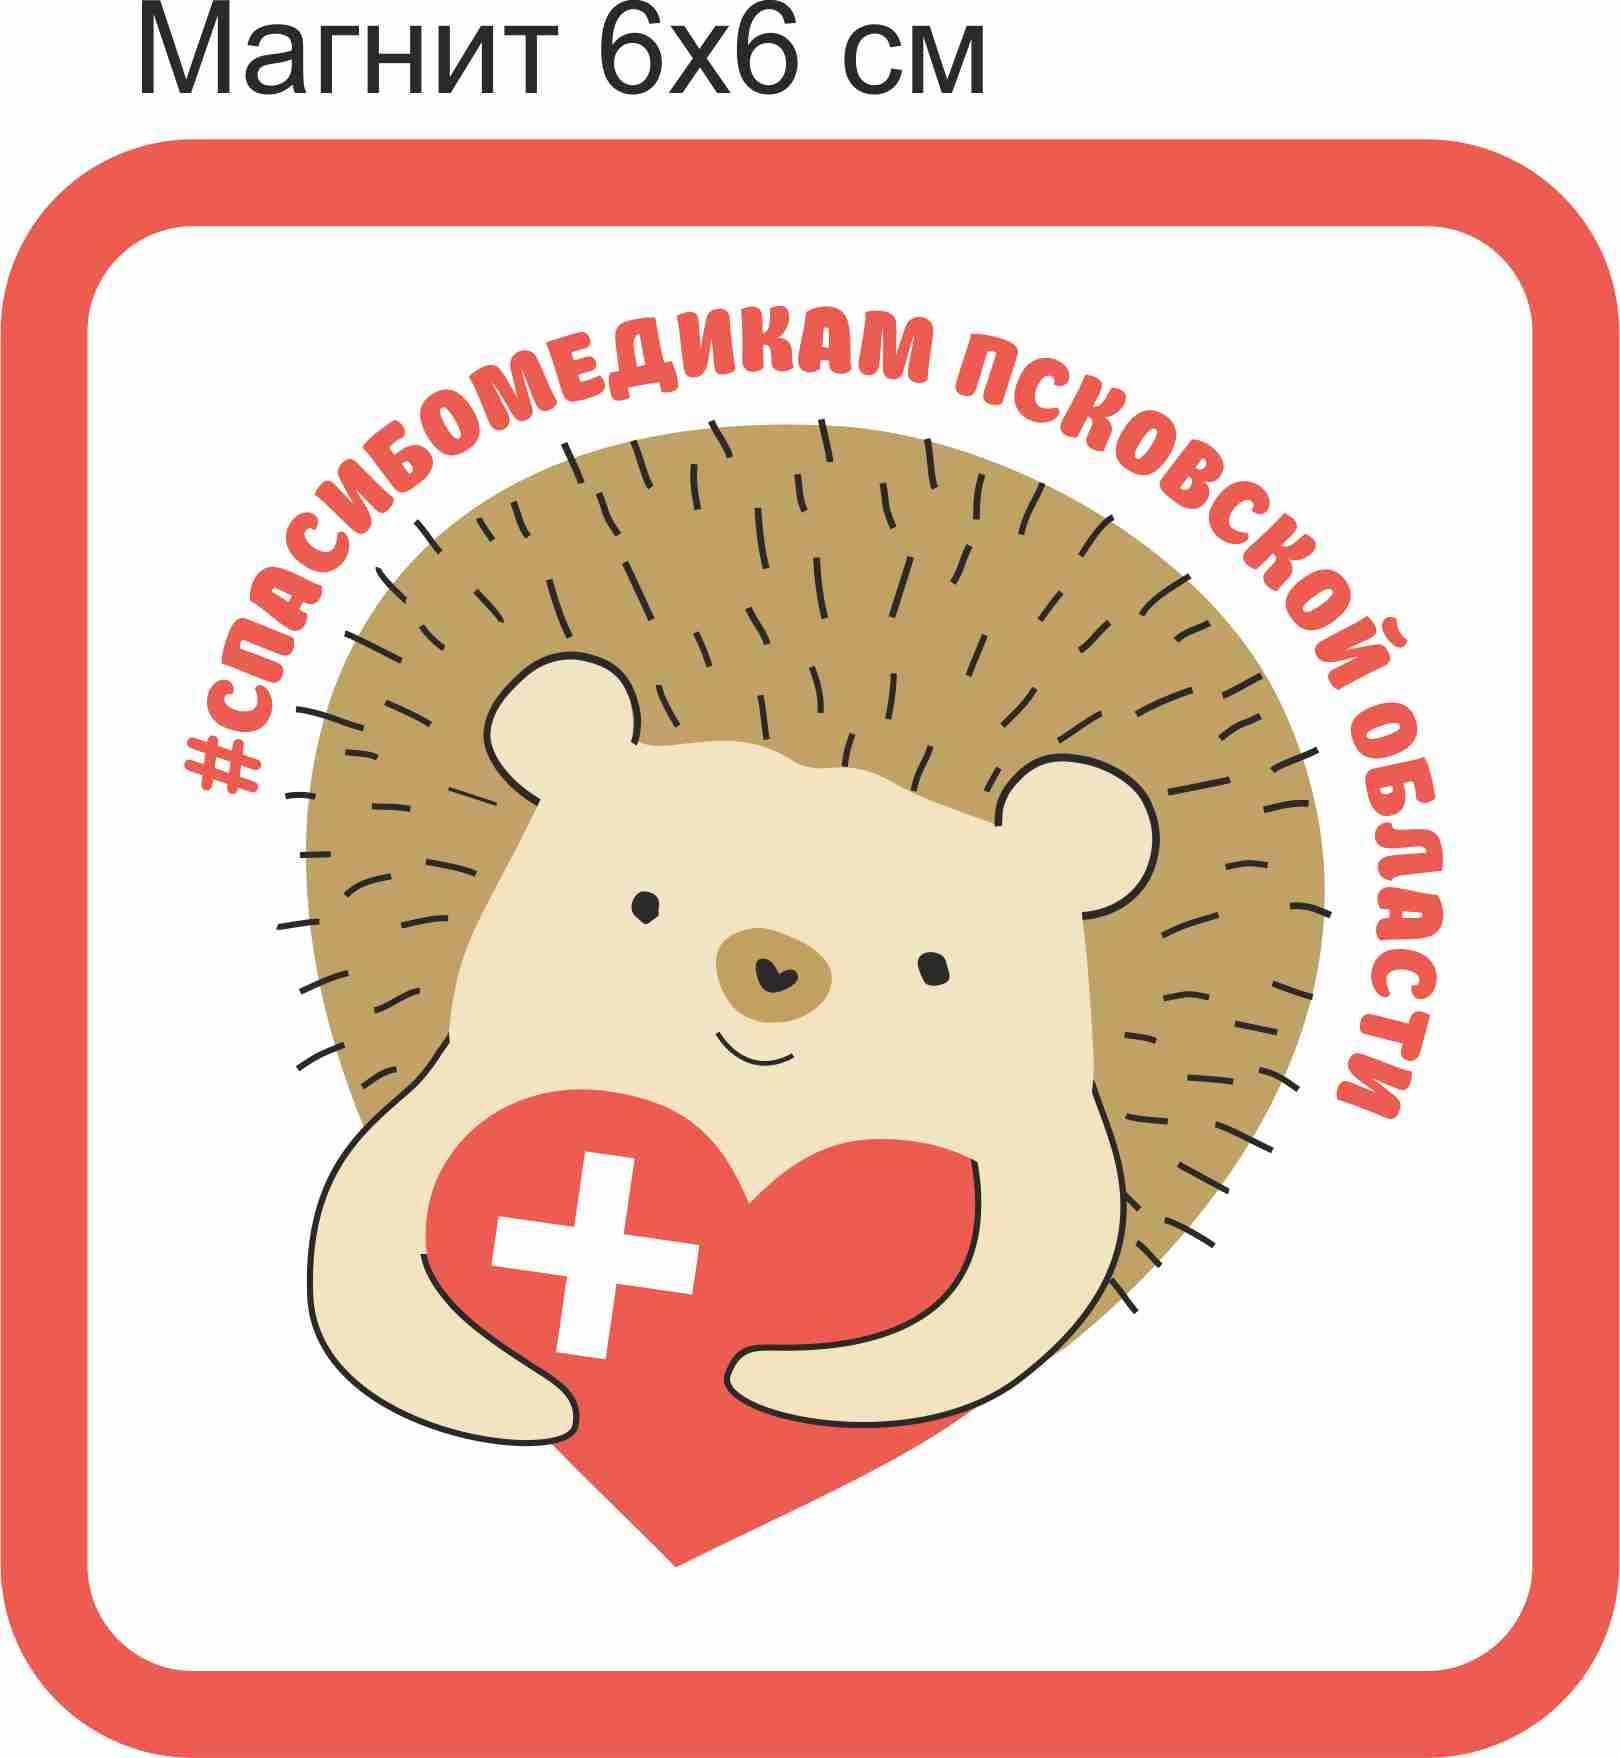 Магнит с символикой благотворительной акции #СпасибоМедикам Псковской области Image